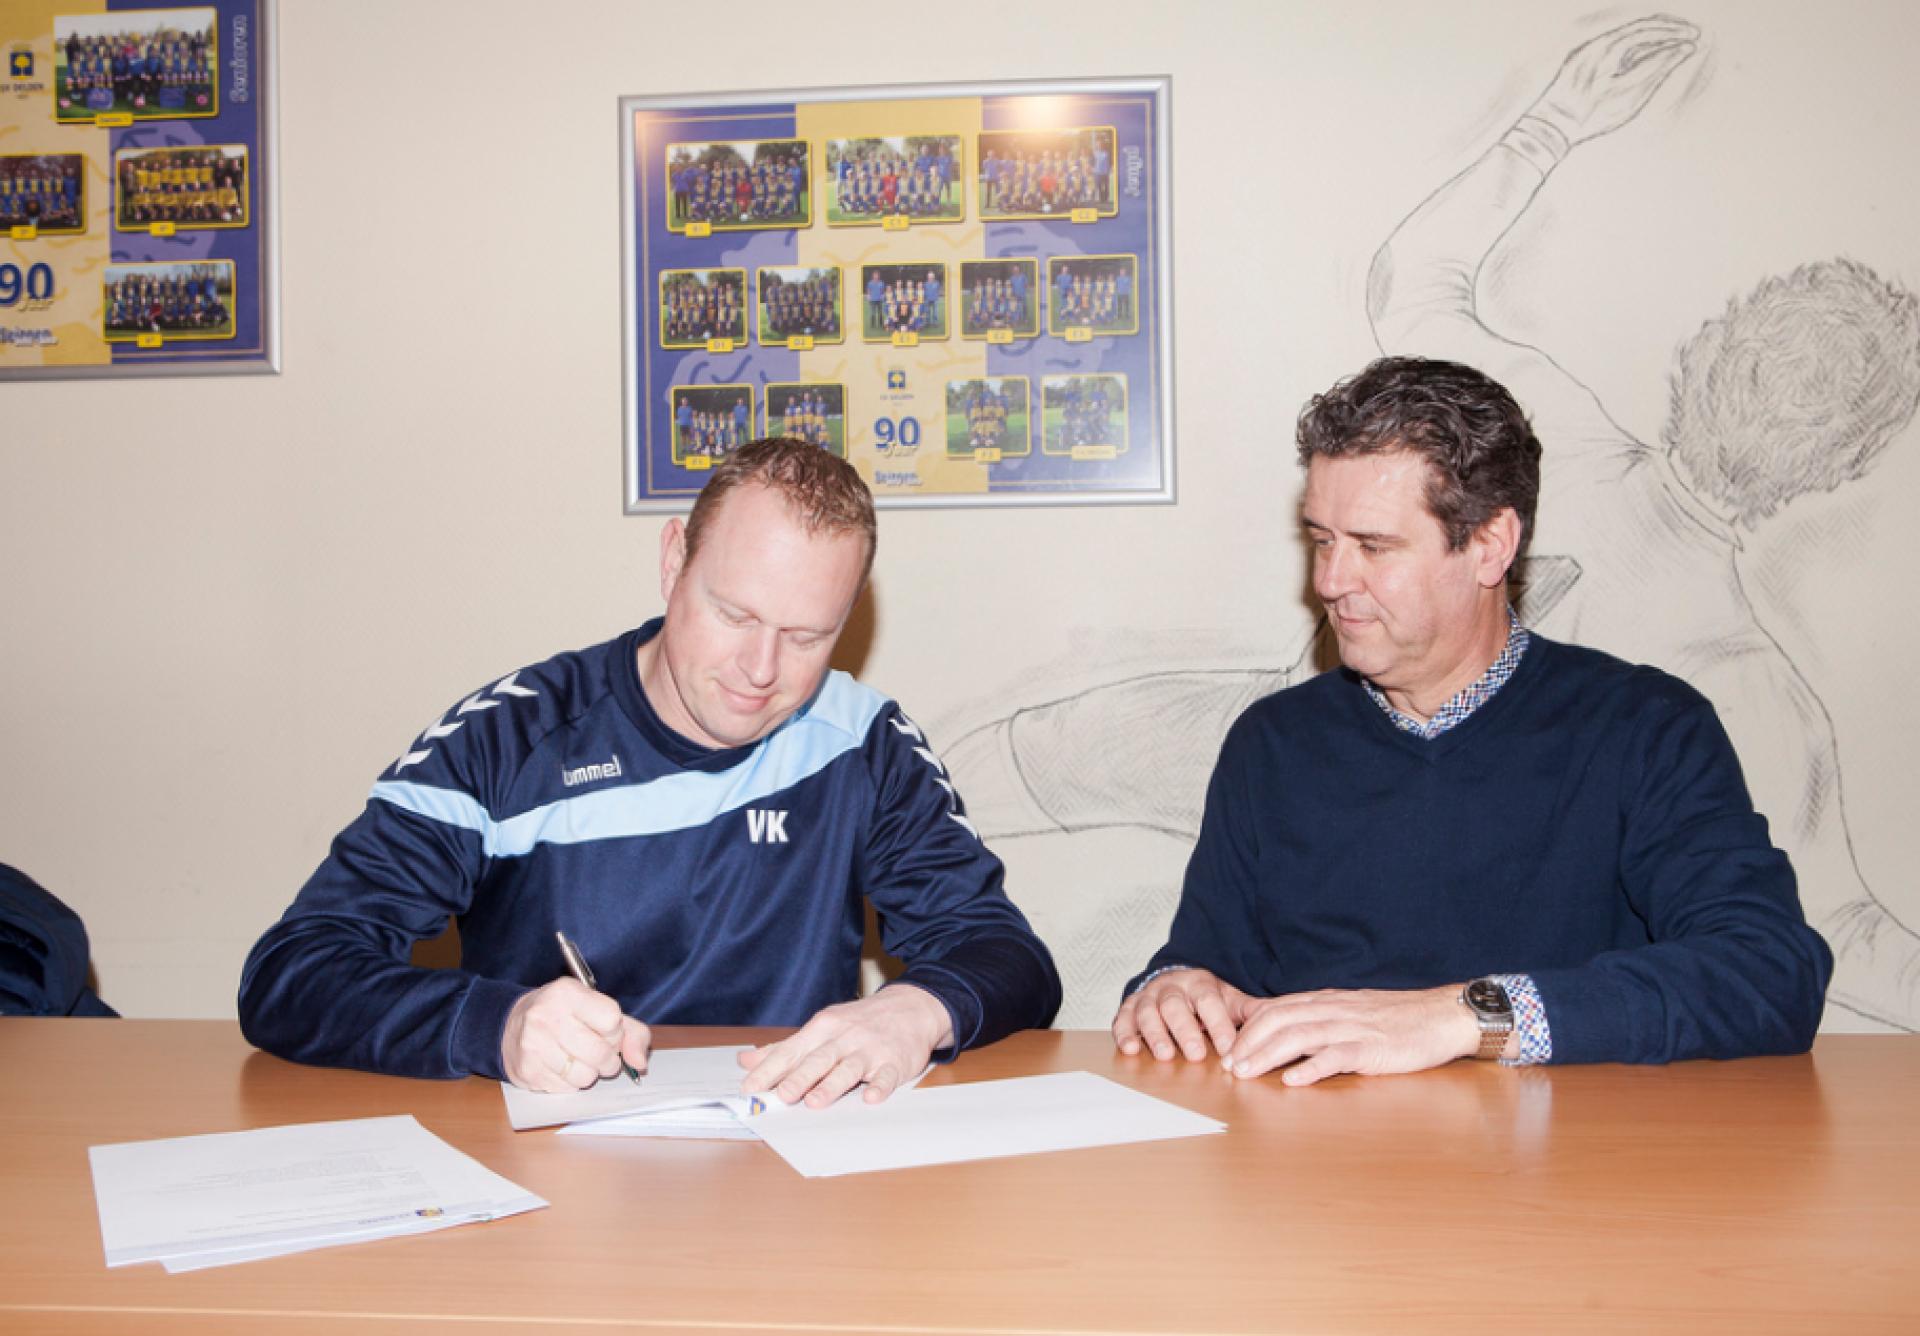 Contractverlenging Wouter Kwakkenbos bij SV Delden officieel bekrachtigd